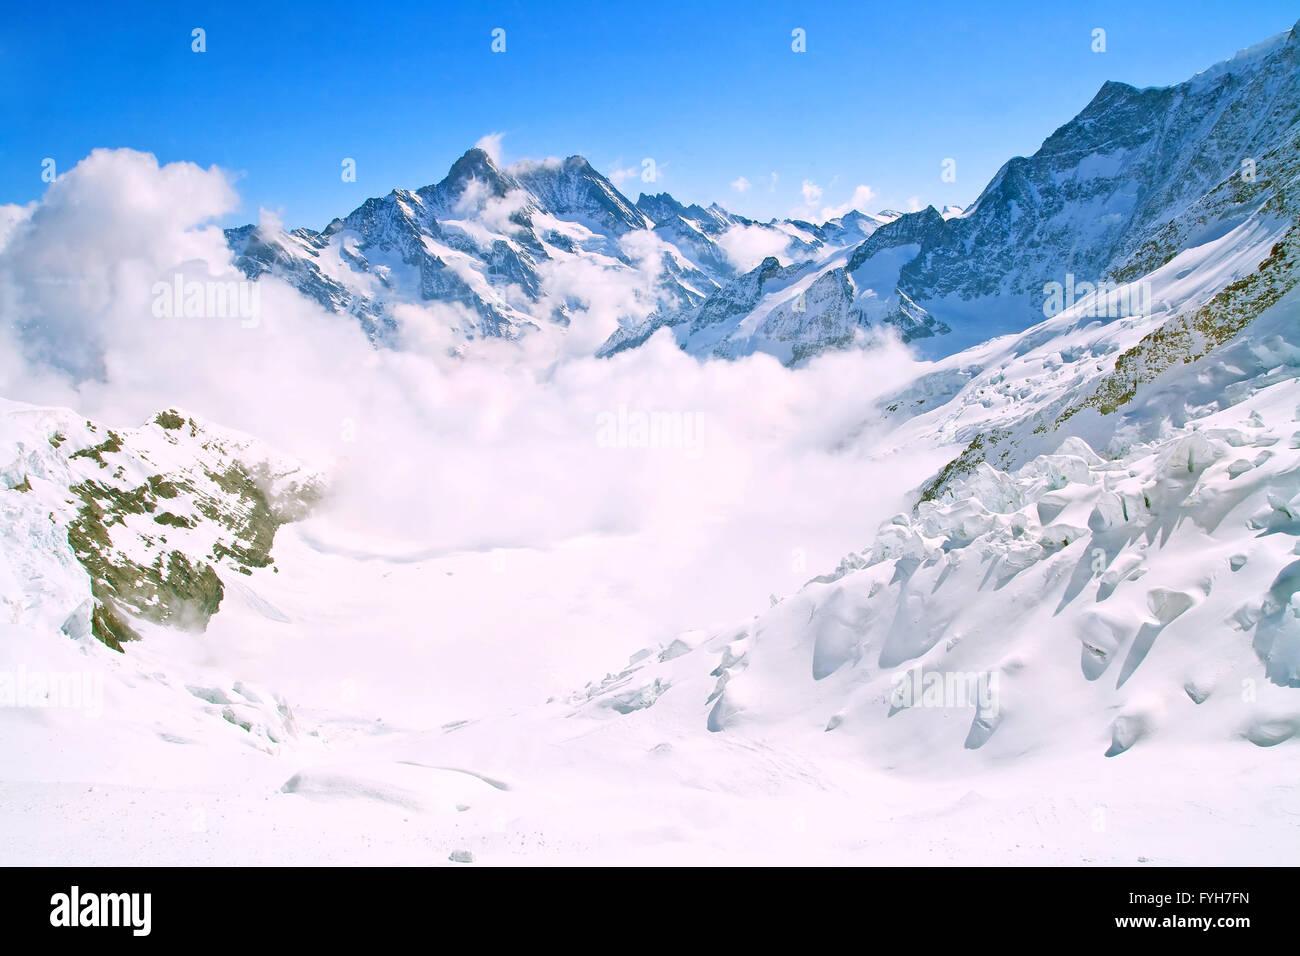 Landschaft der Nebel am Jungfraujoch, Teil der Schweizer Alpen Alpen und Ski Weg bei Interlaken Schweiz. Stockbild